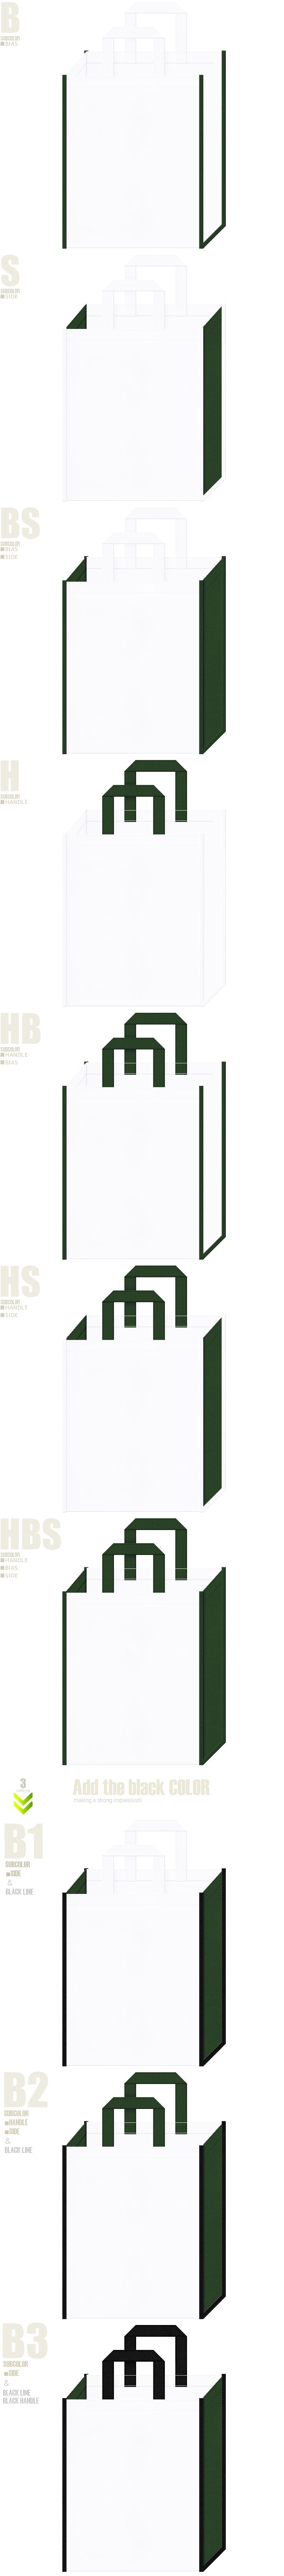 白色と濃緑色の不織布バッグデザイン。学校・オープンキャパス用のバッグ、医薬品の展示会用バッグにお奨めです。